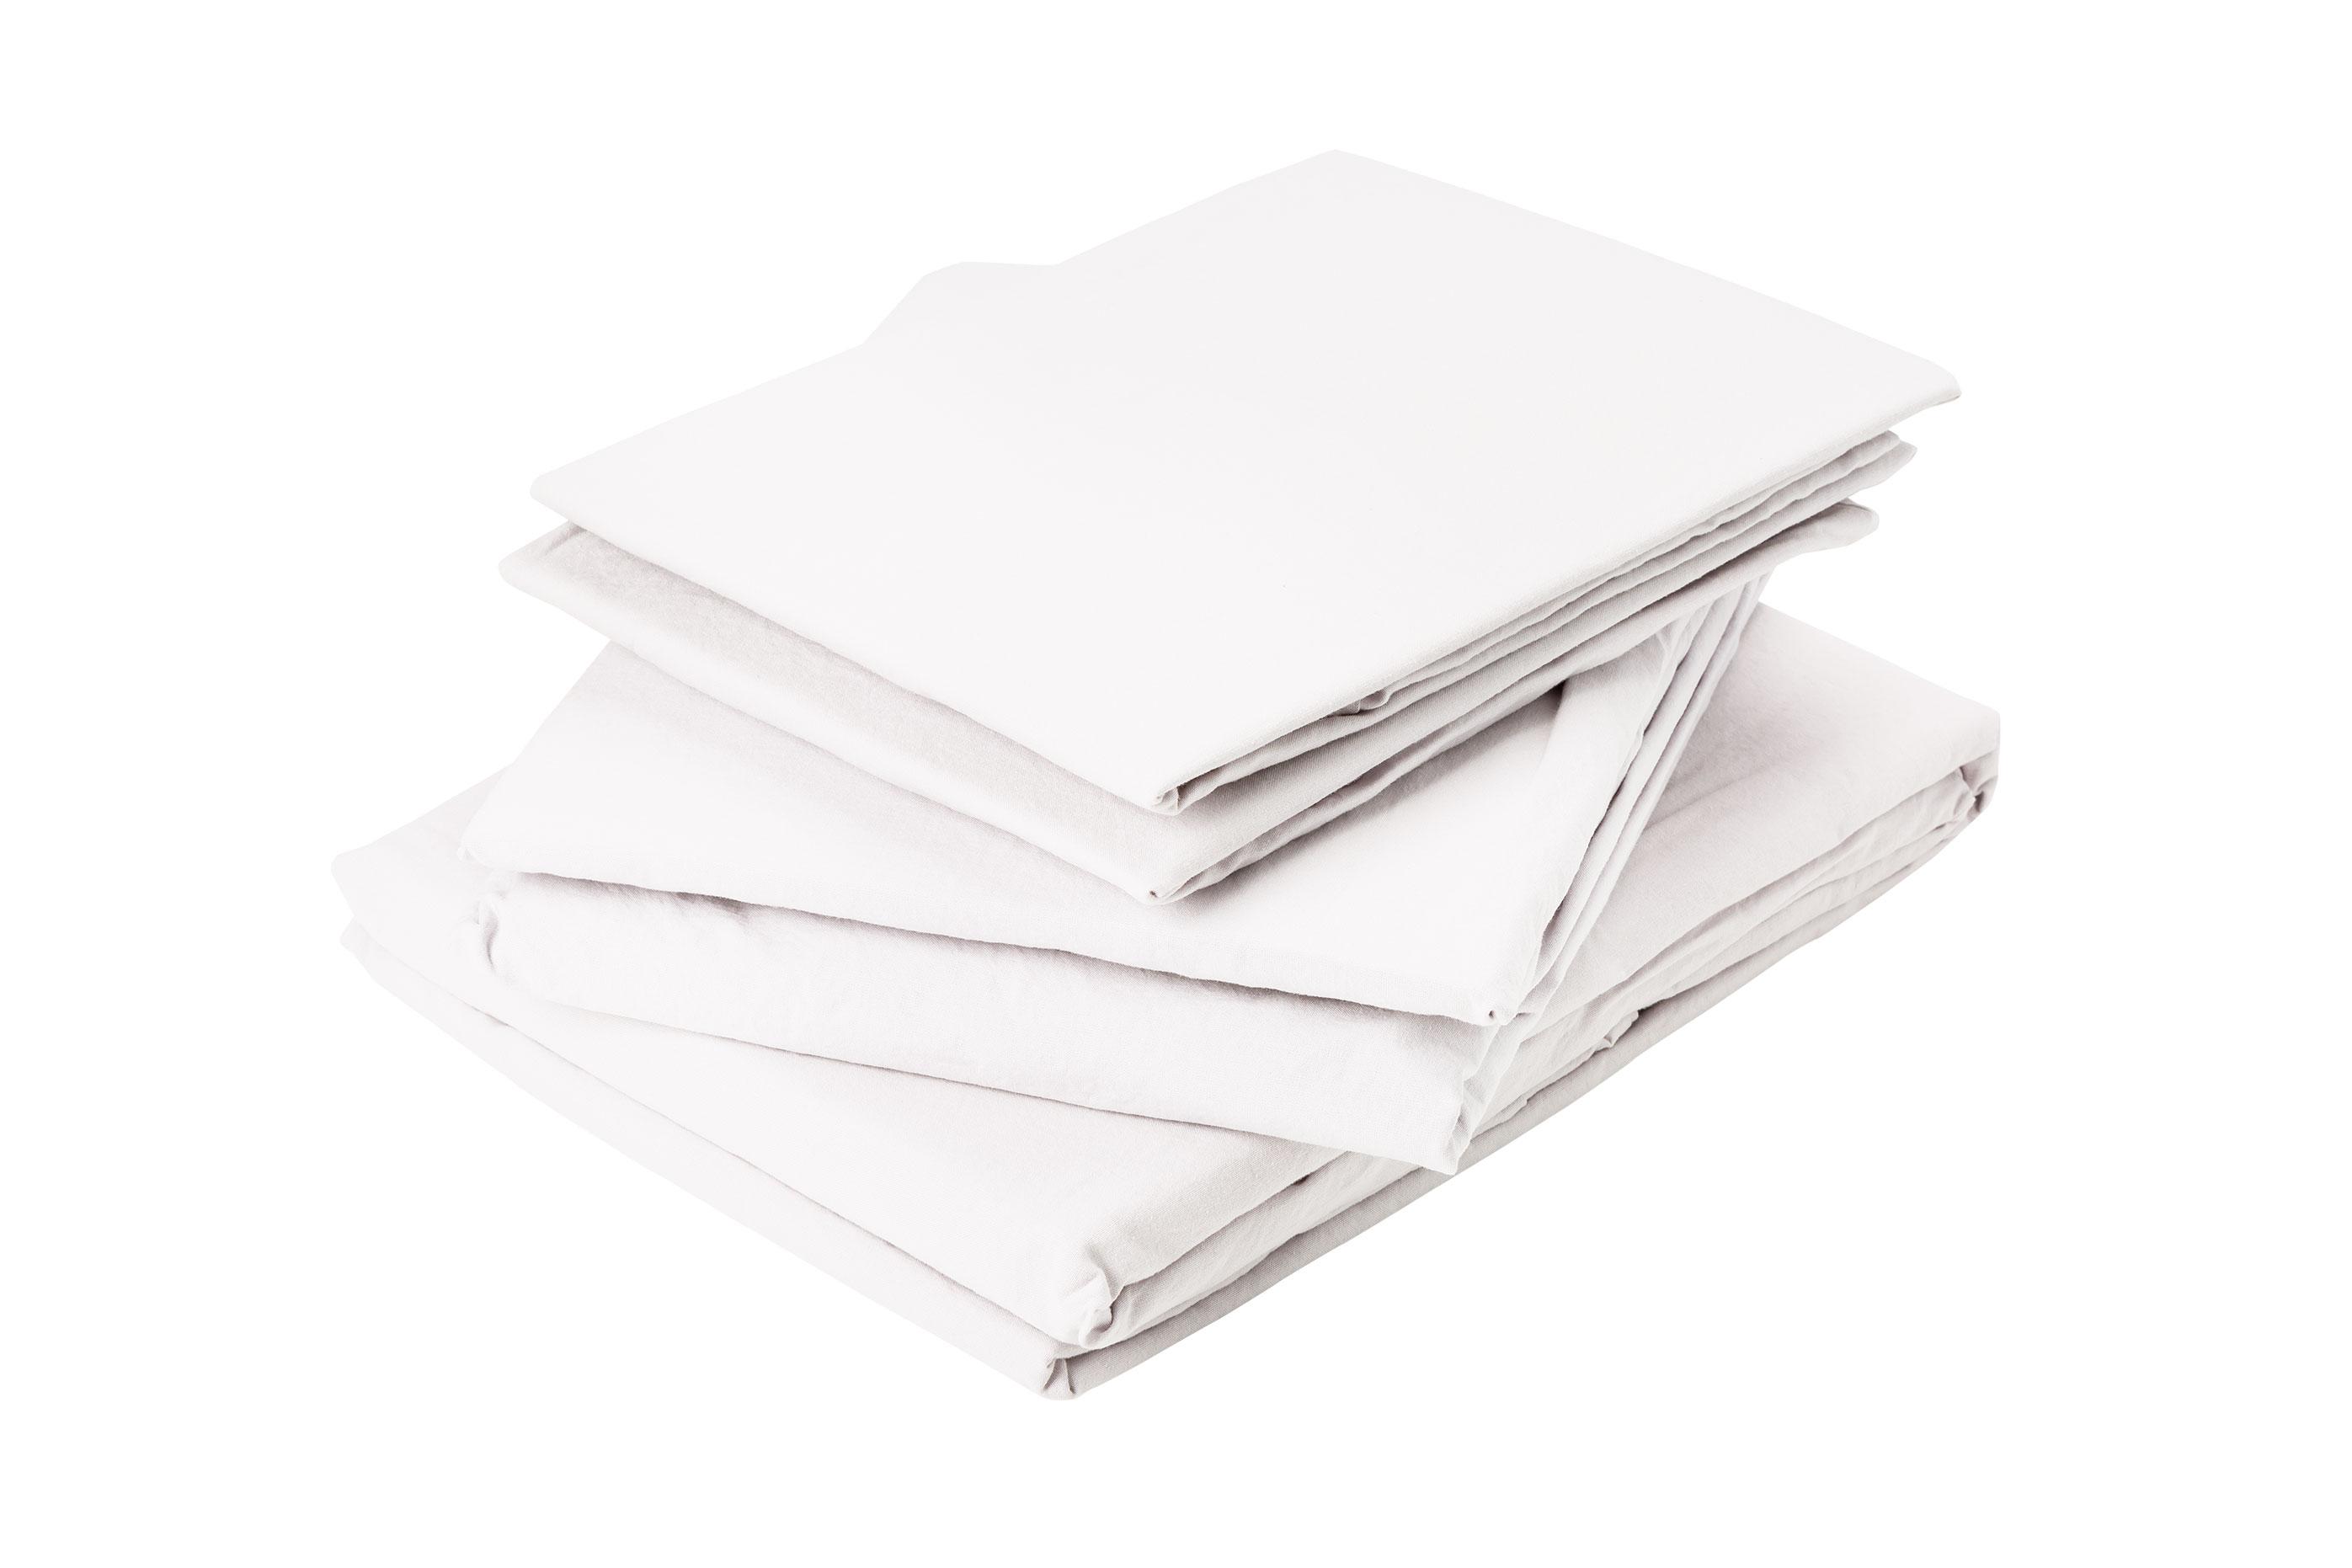 Drap plat en coton lavé coton blanc 290x180